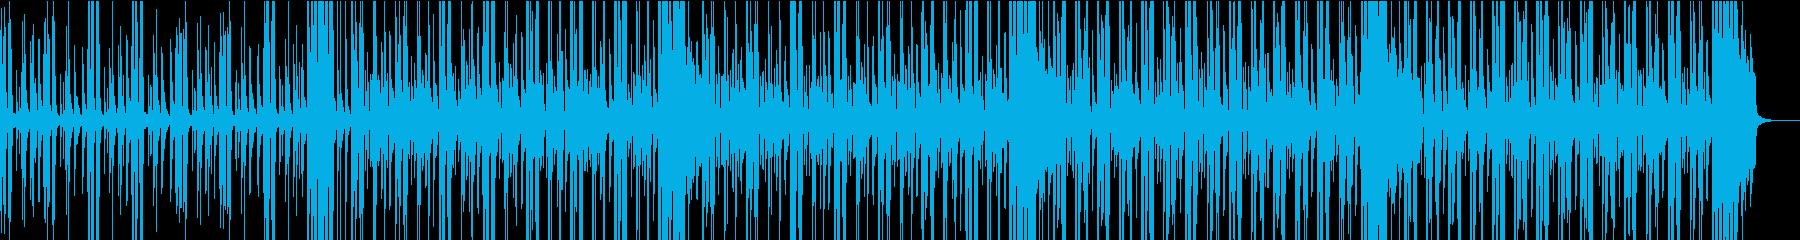 軽快でノリのいいサンバの再生済みの波形